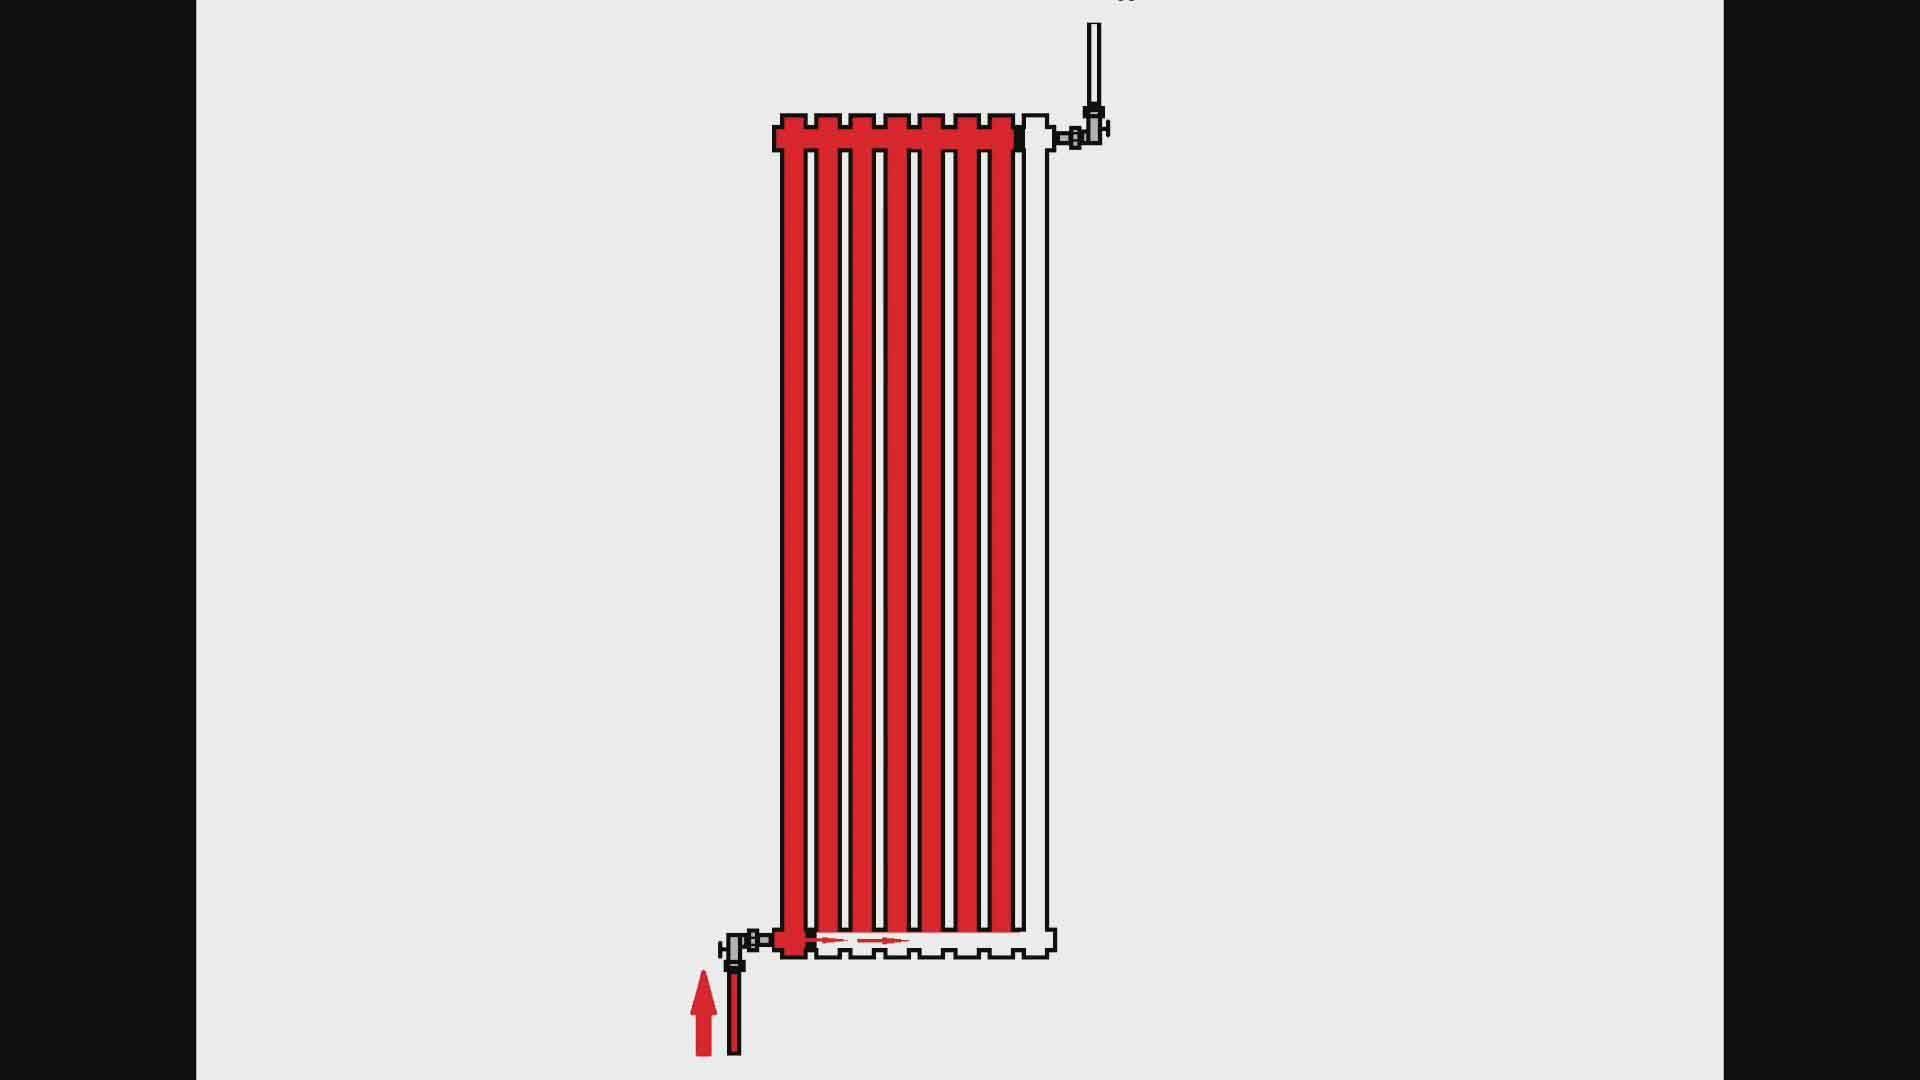 Виды батарей отопления в квартире: какие бывают типы радиаторов для дома